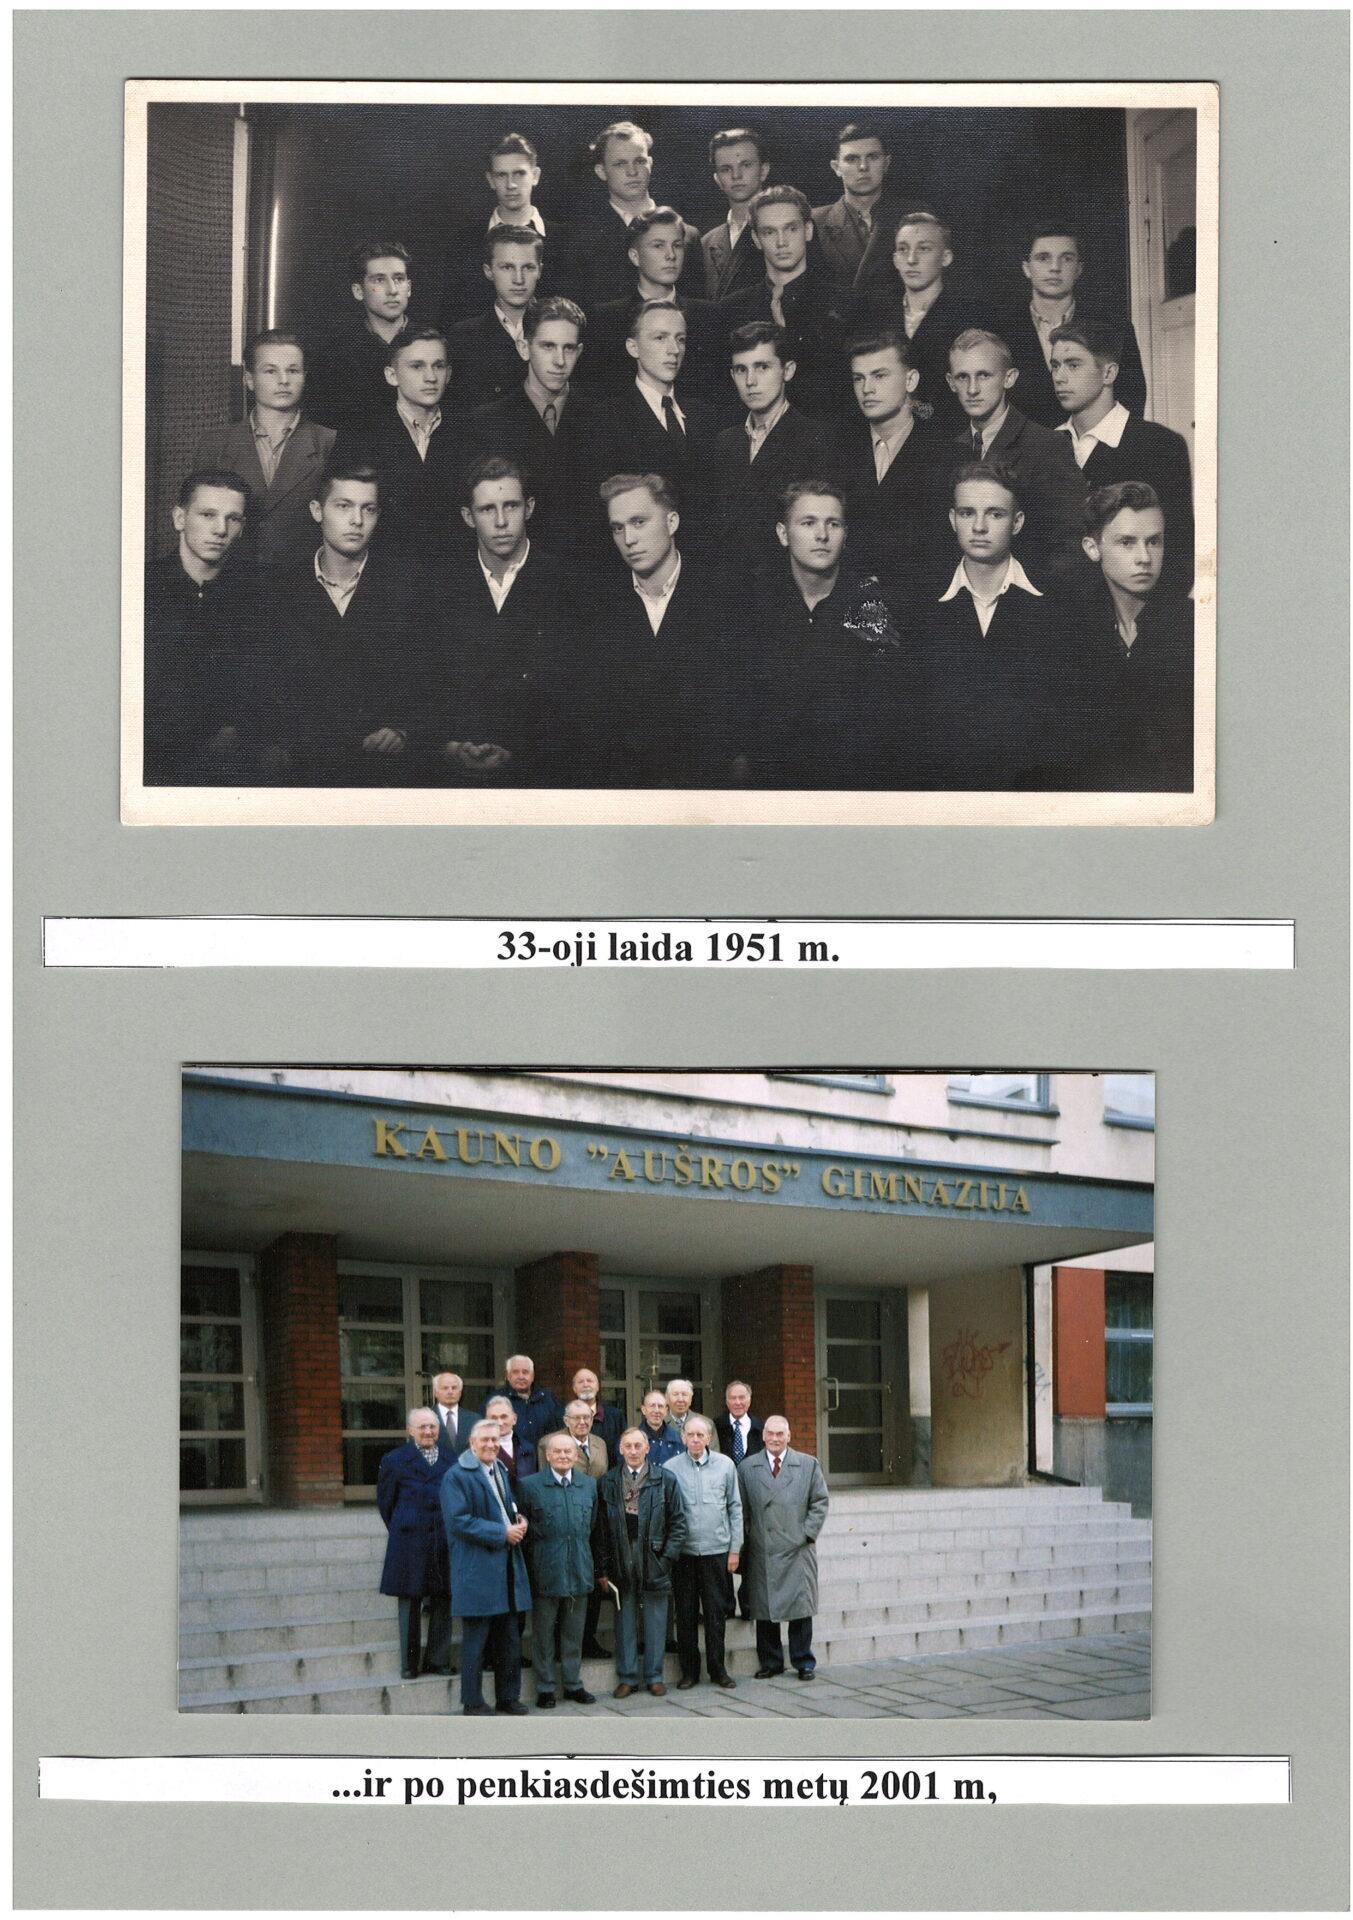 33-a laida (1951 m.) ir po 50 metų (2001 m.)